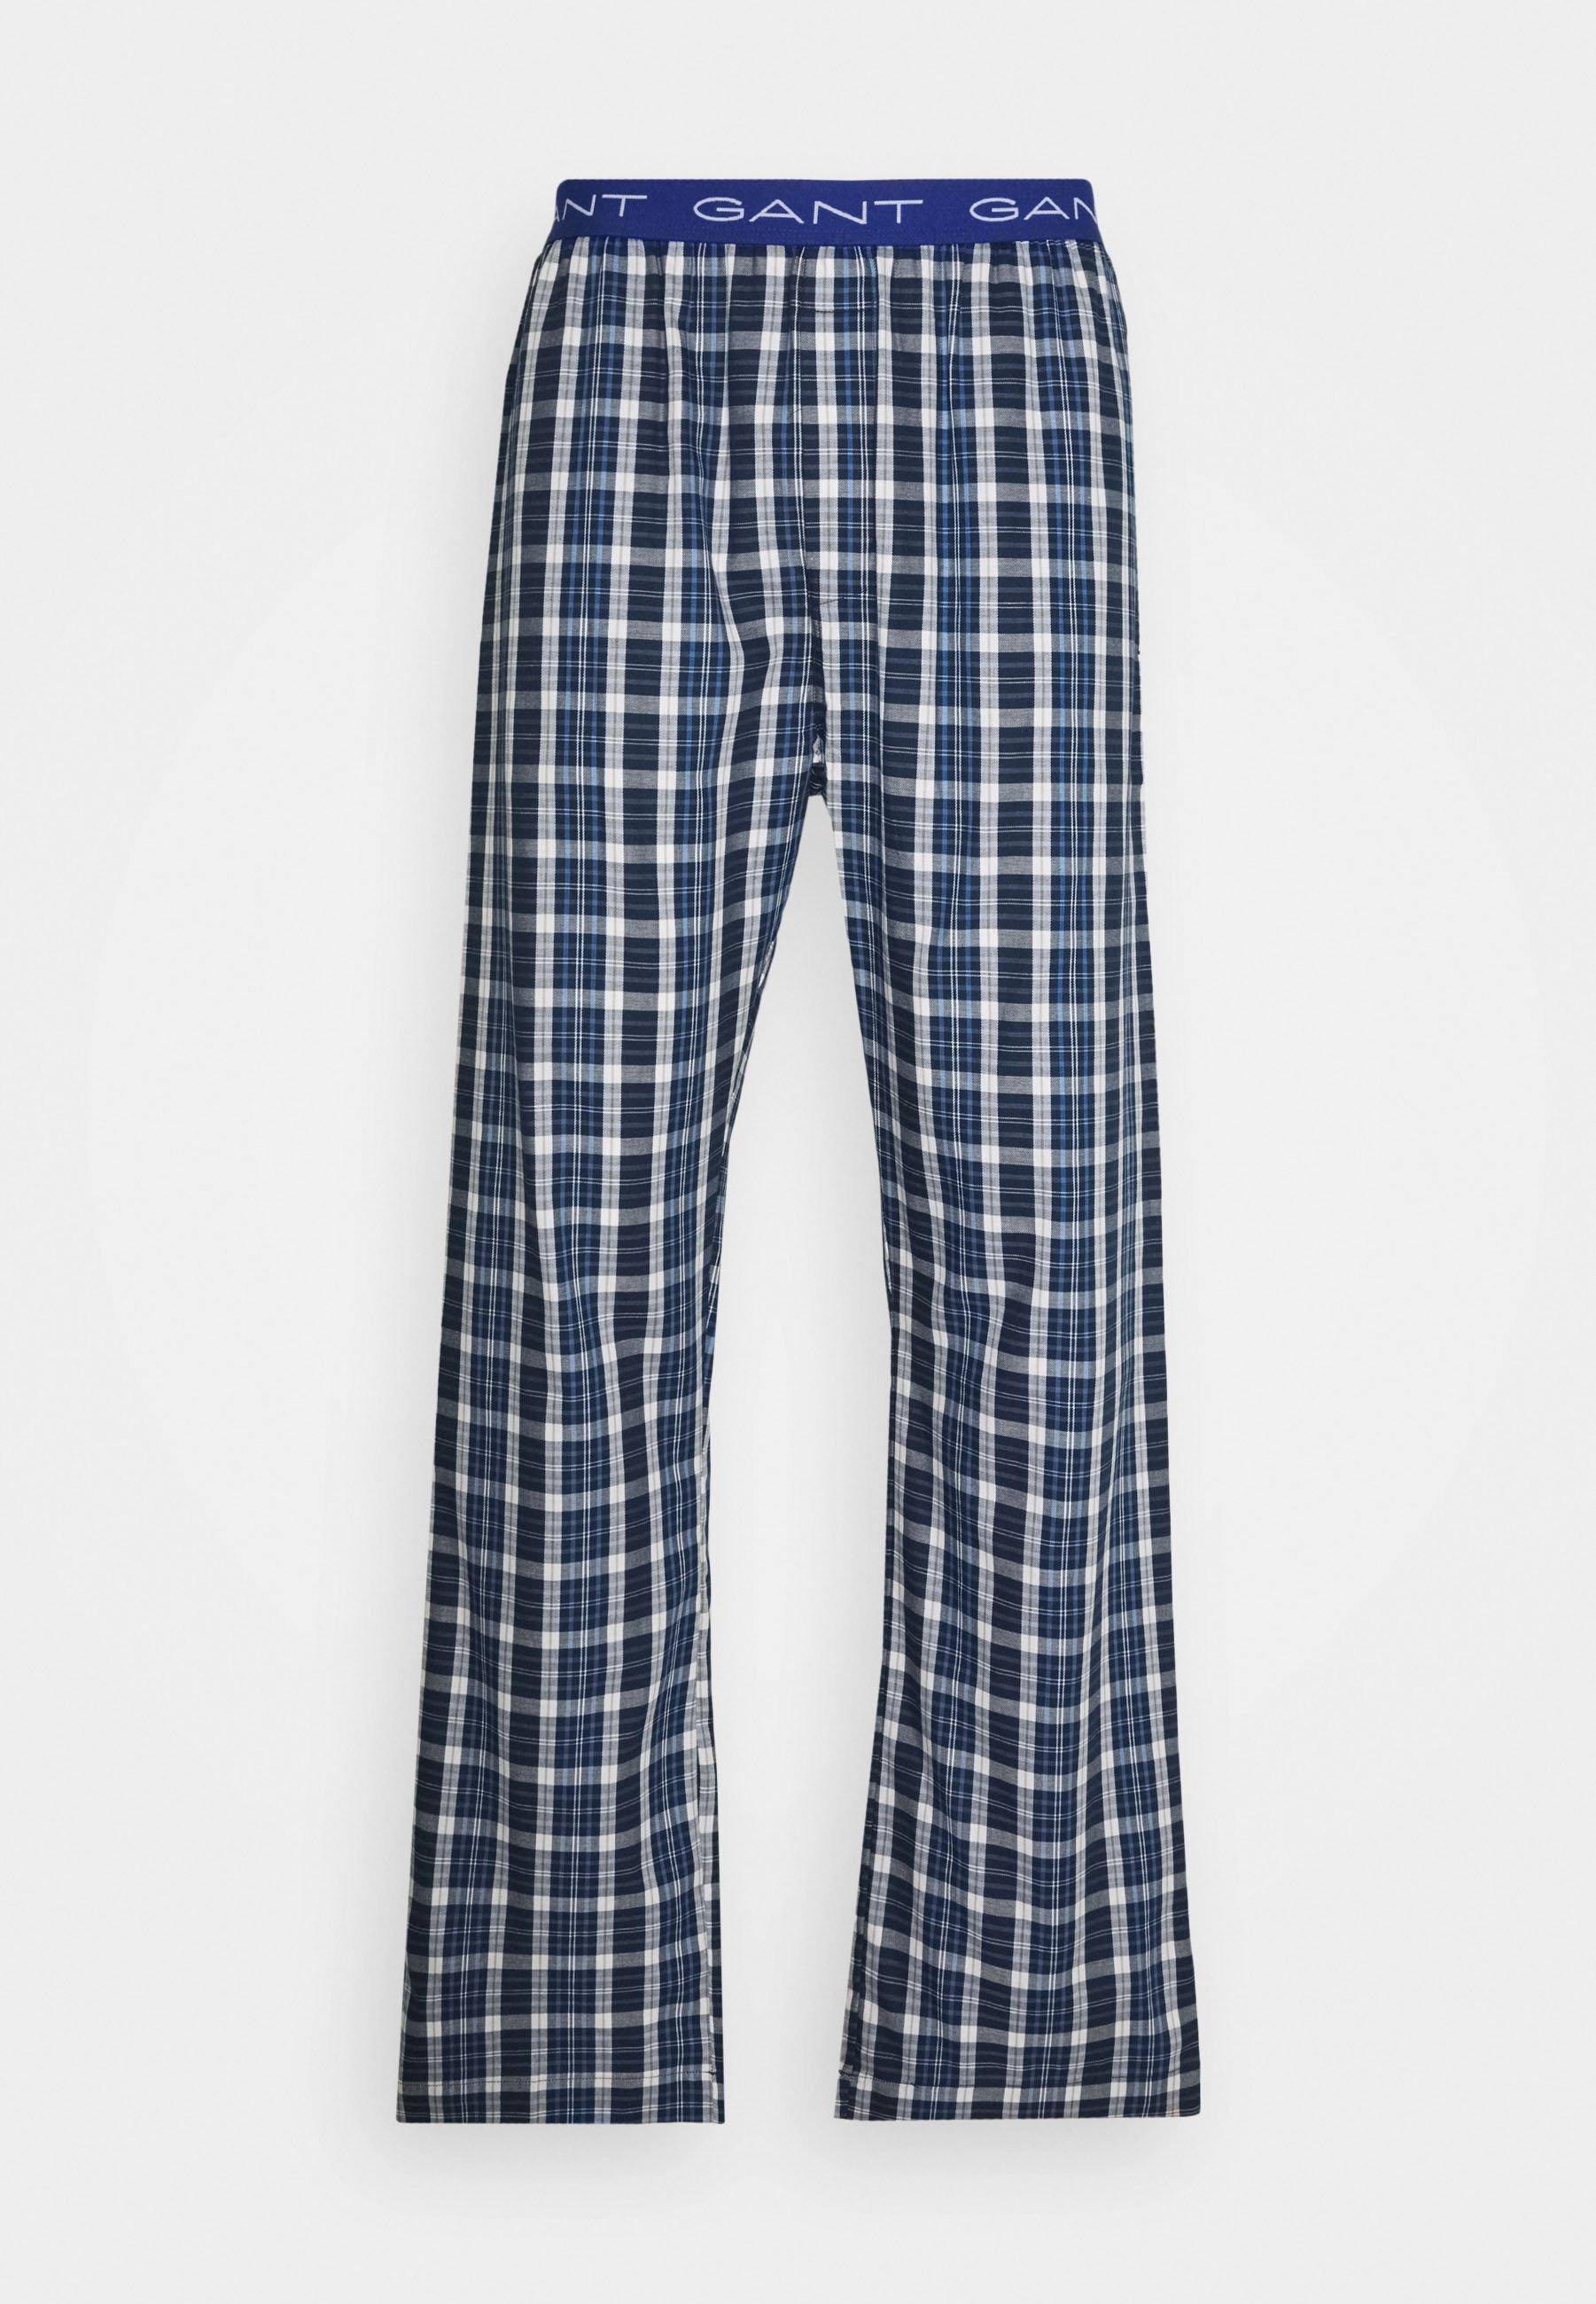 Nattkläder | Herr | Köp nattkläder online på Zalando.se